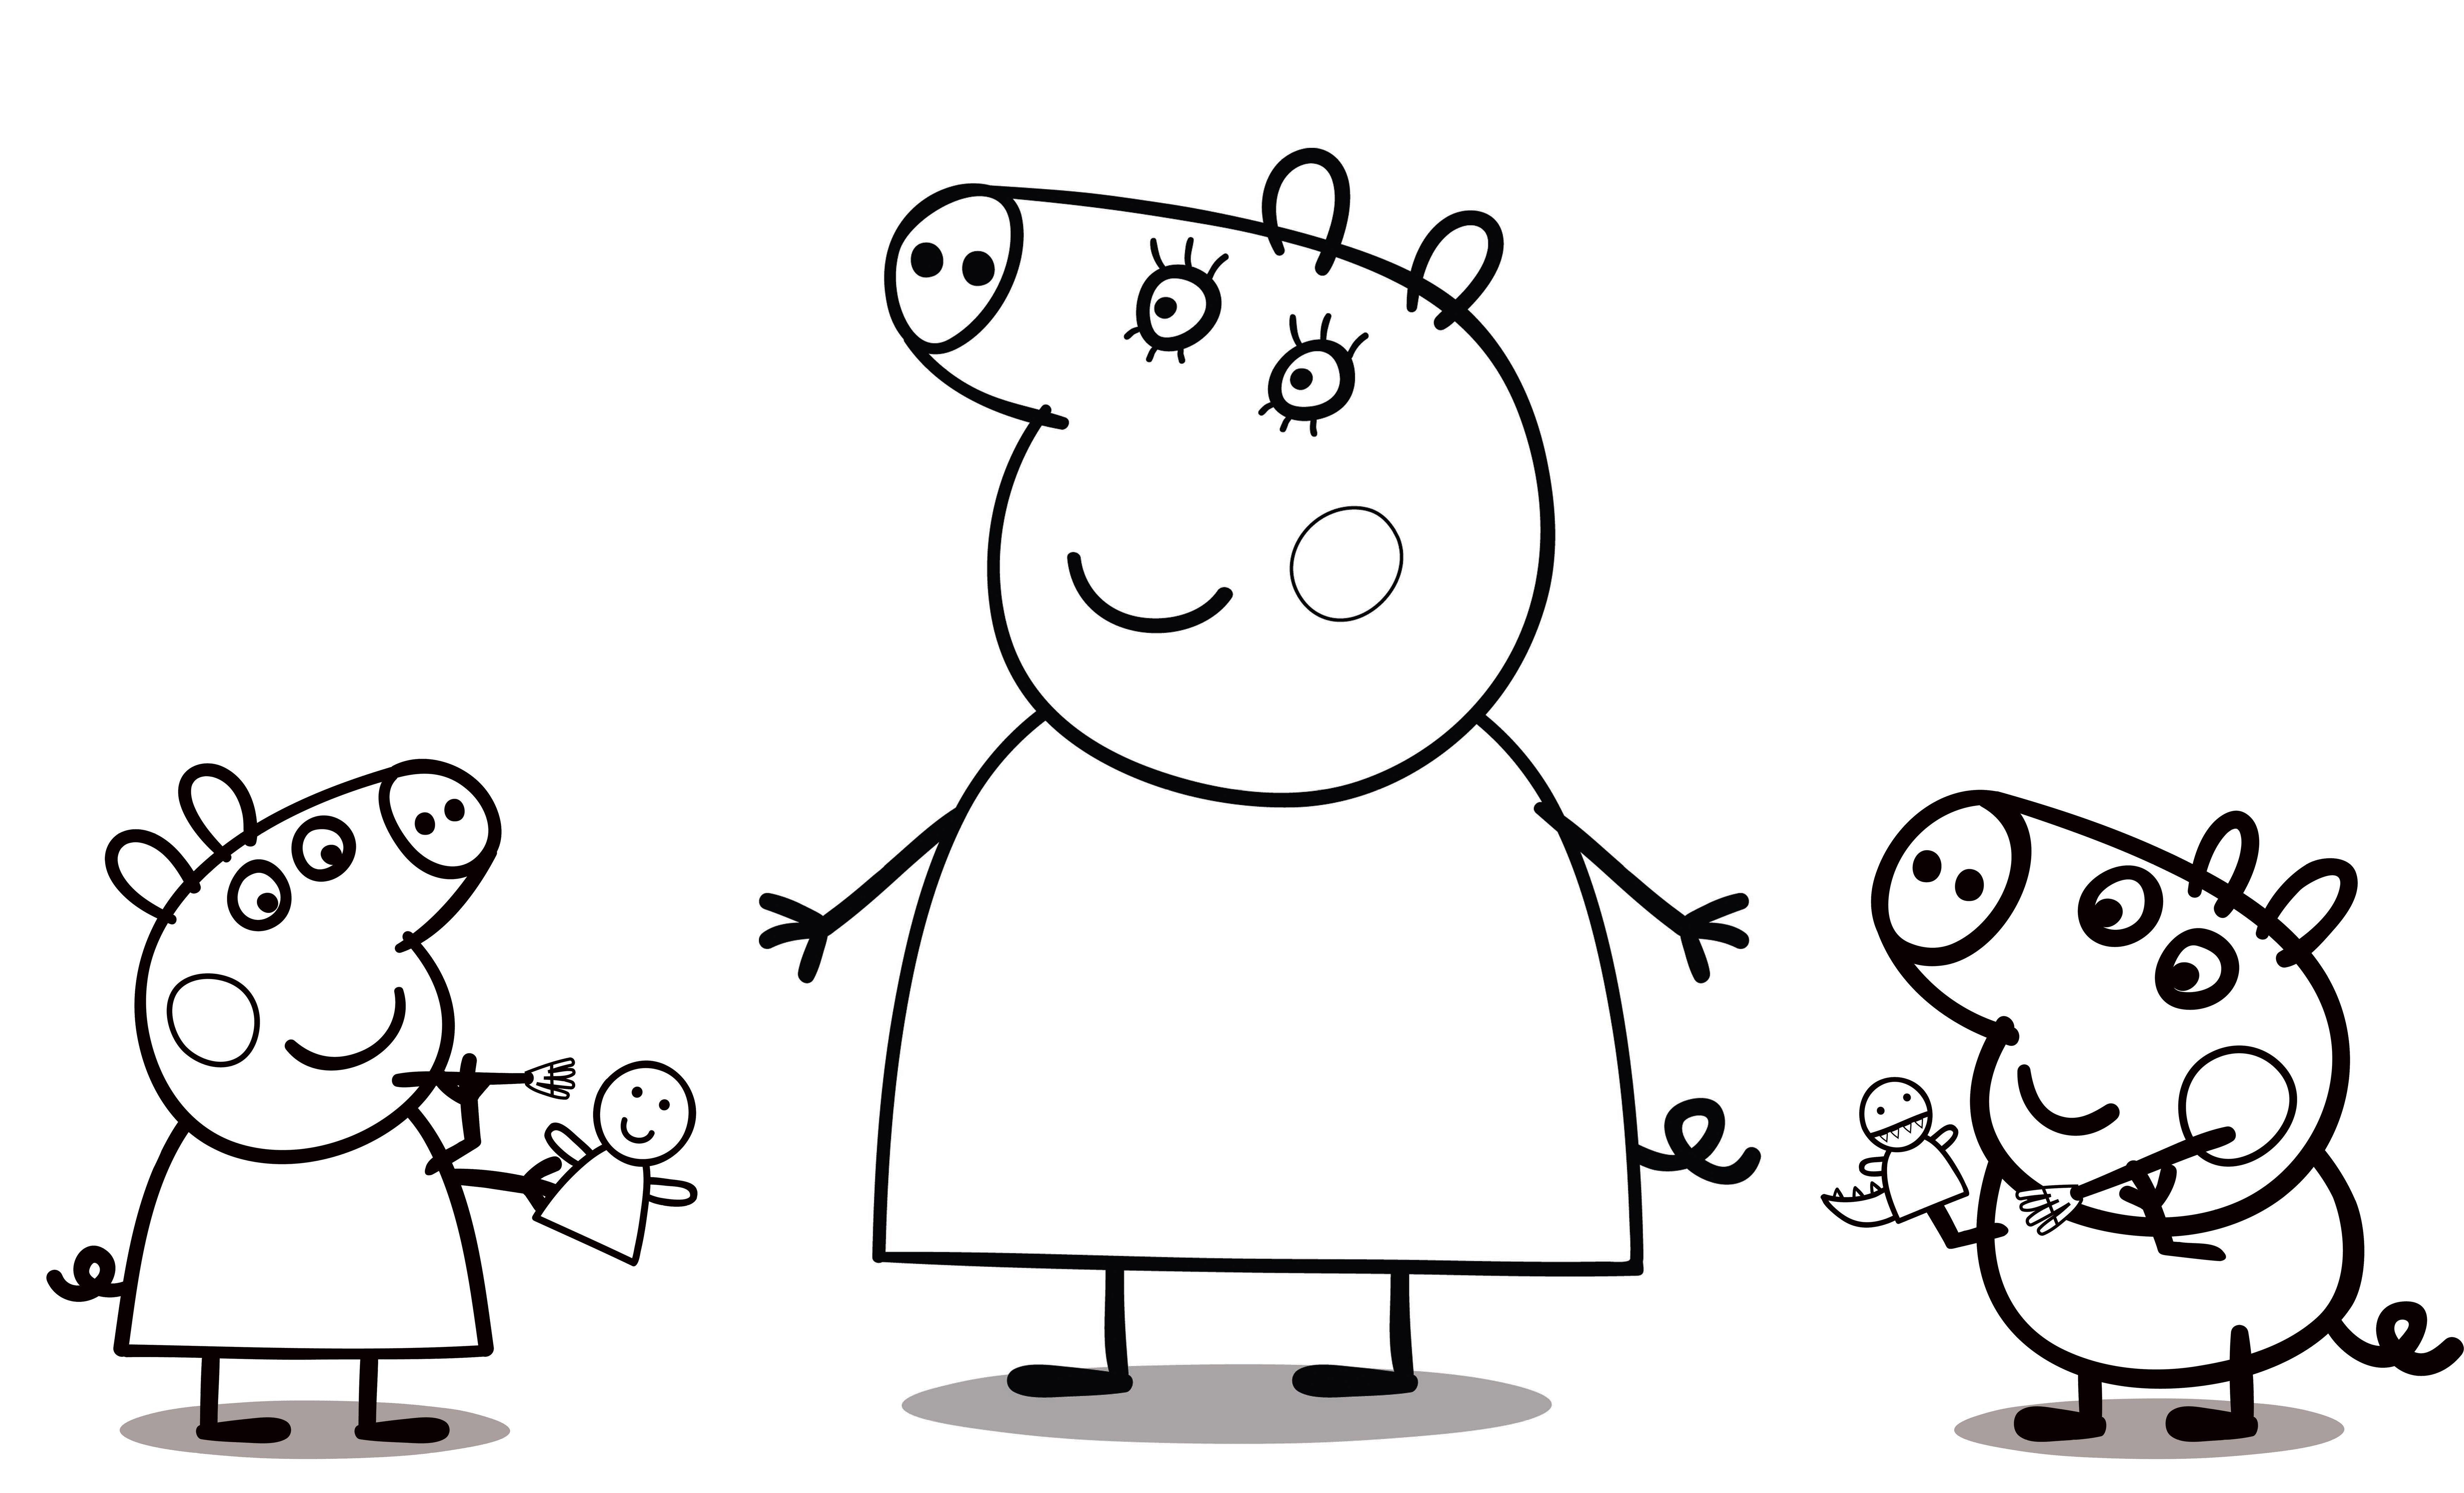 Раскраска пеппа для детей 3 лет